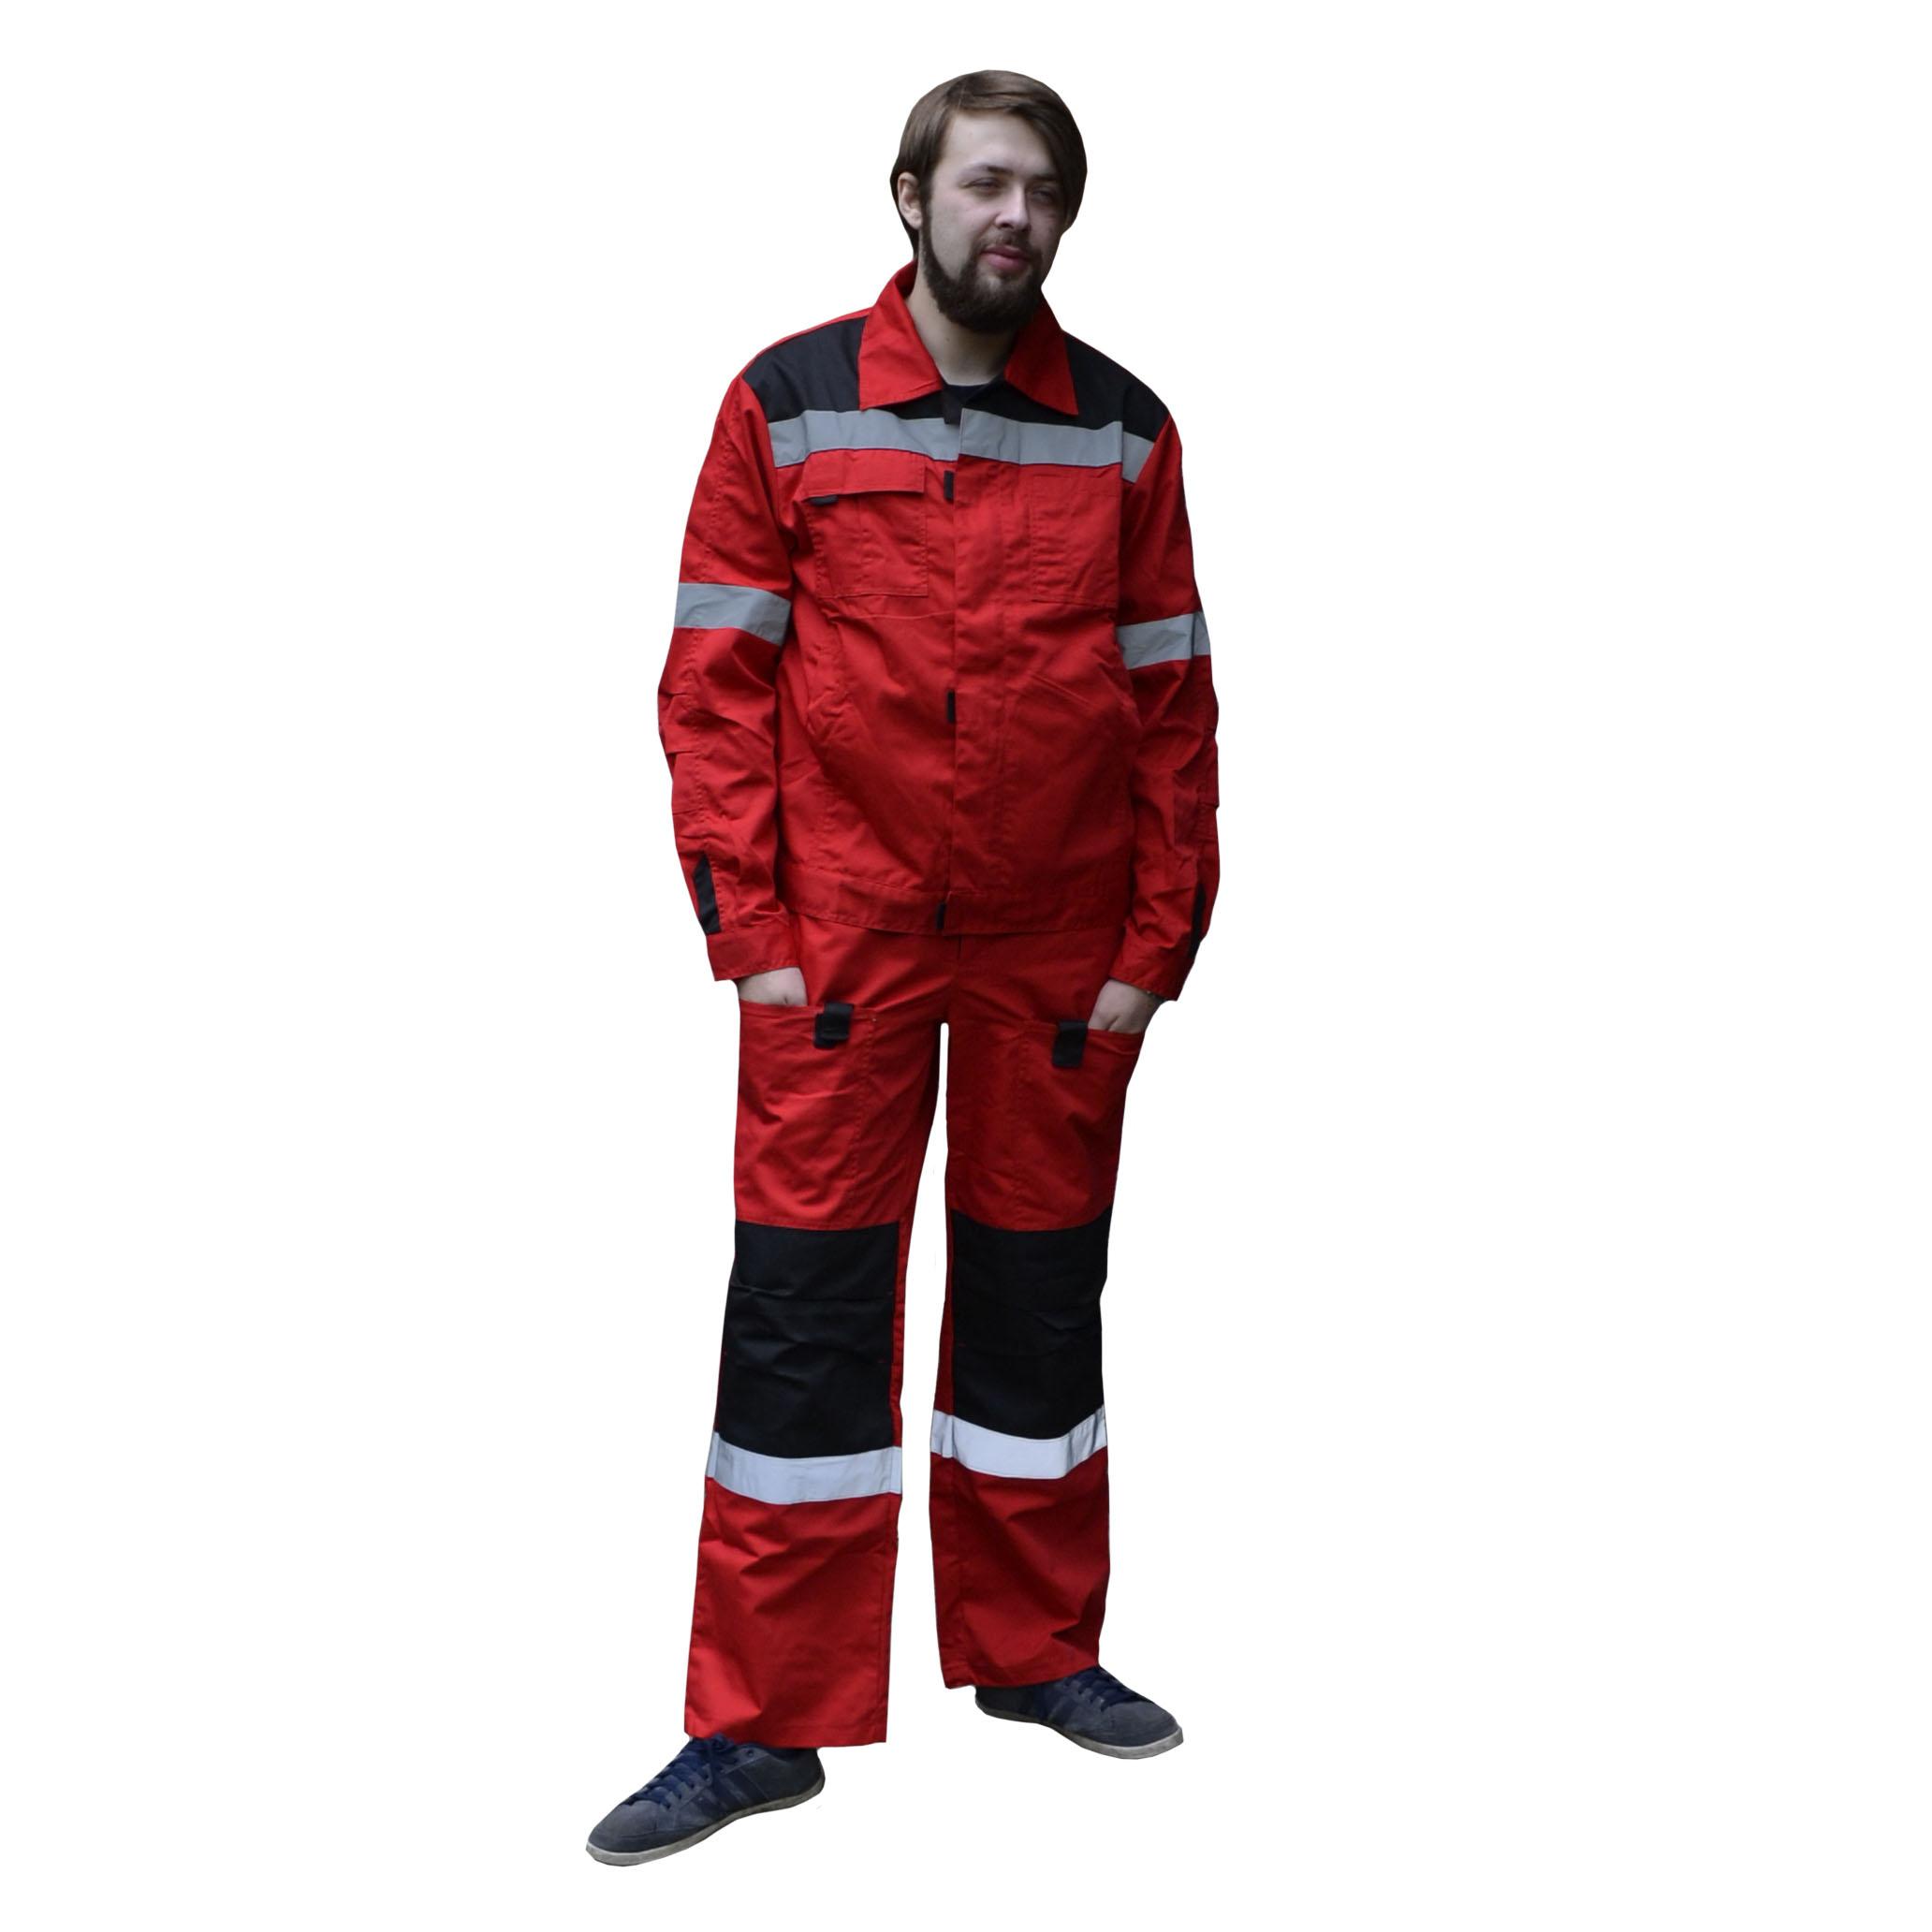 Костюм «Фаворит СП» куртка, п/к красный с черным, СОП, тк.Твилл 240 гр